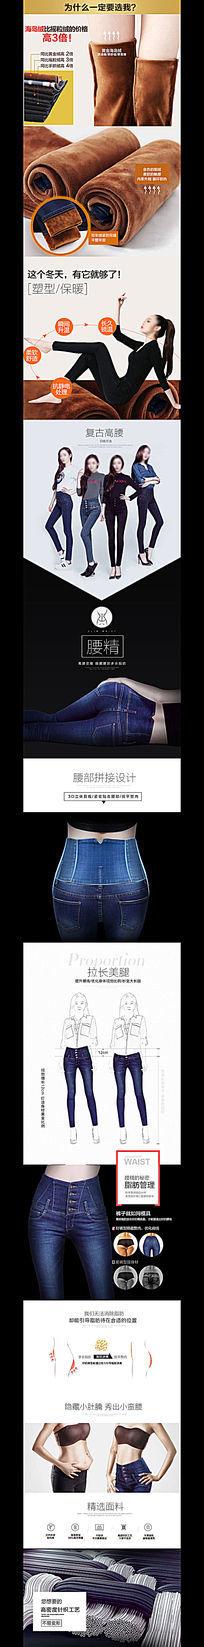 淘宝女裤加绒牛仔裤详情页模板 PSD